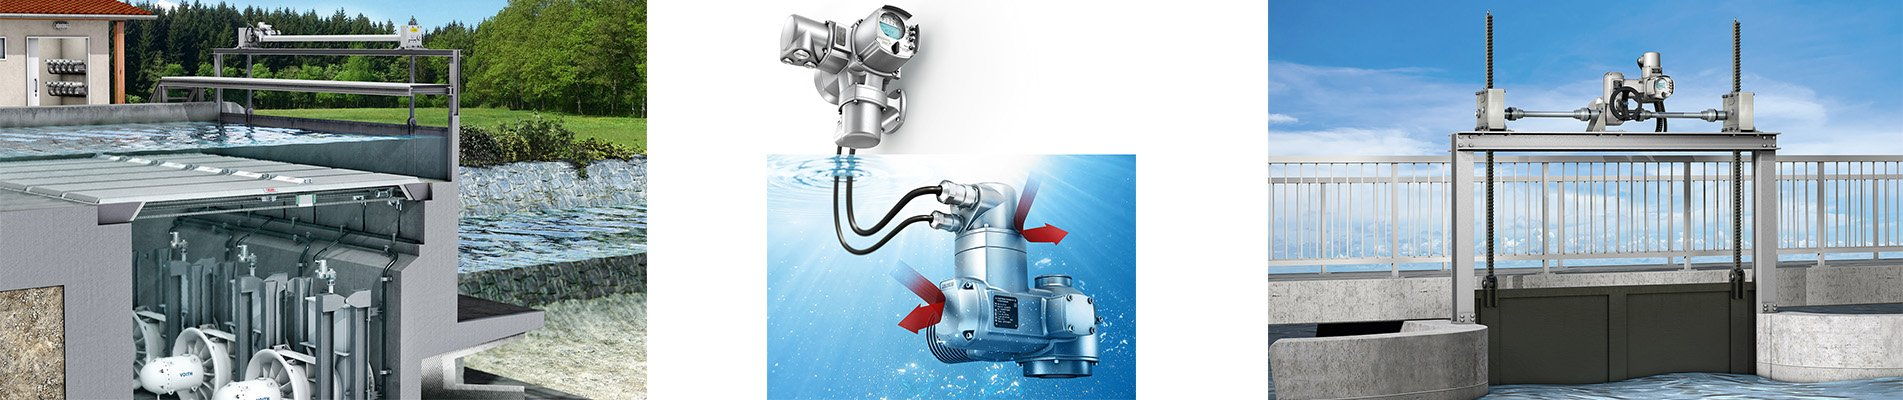 Hydroélectricité-1B